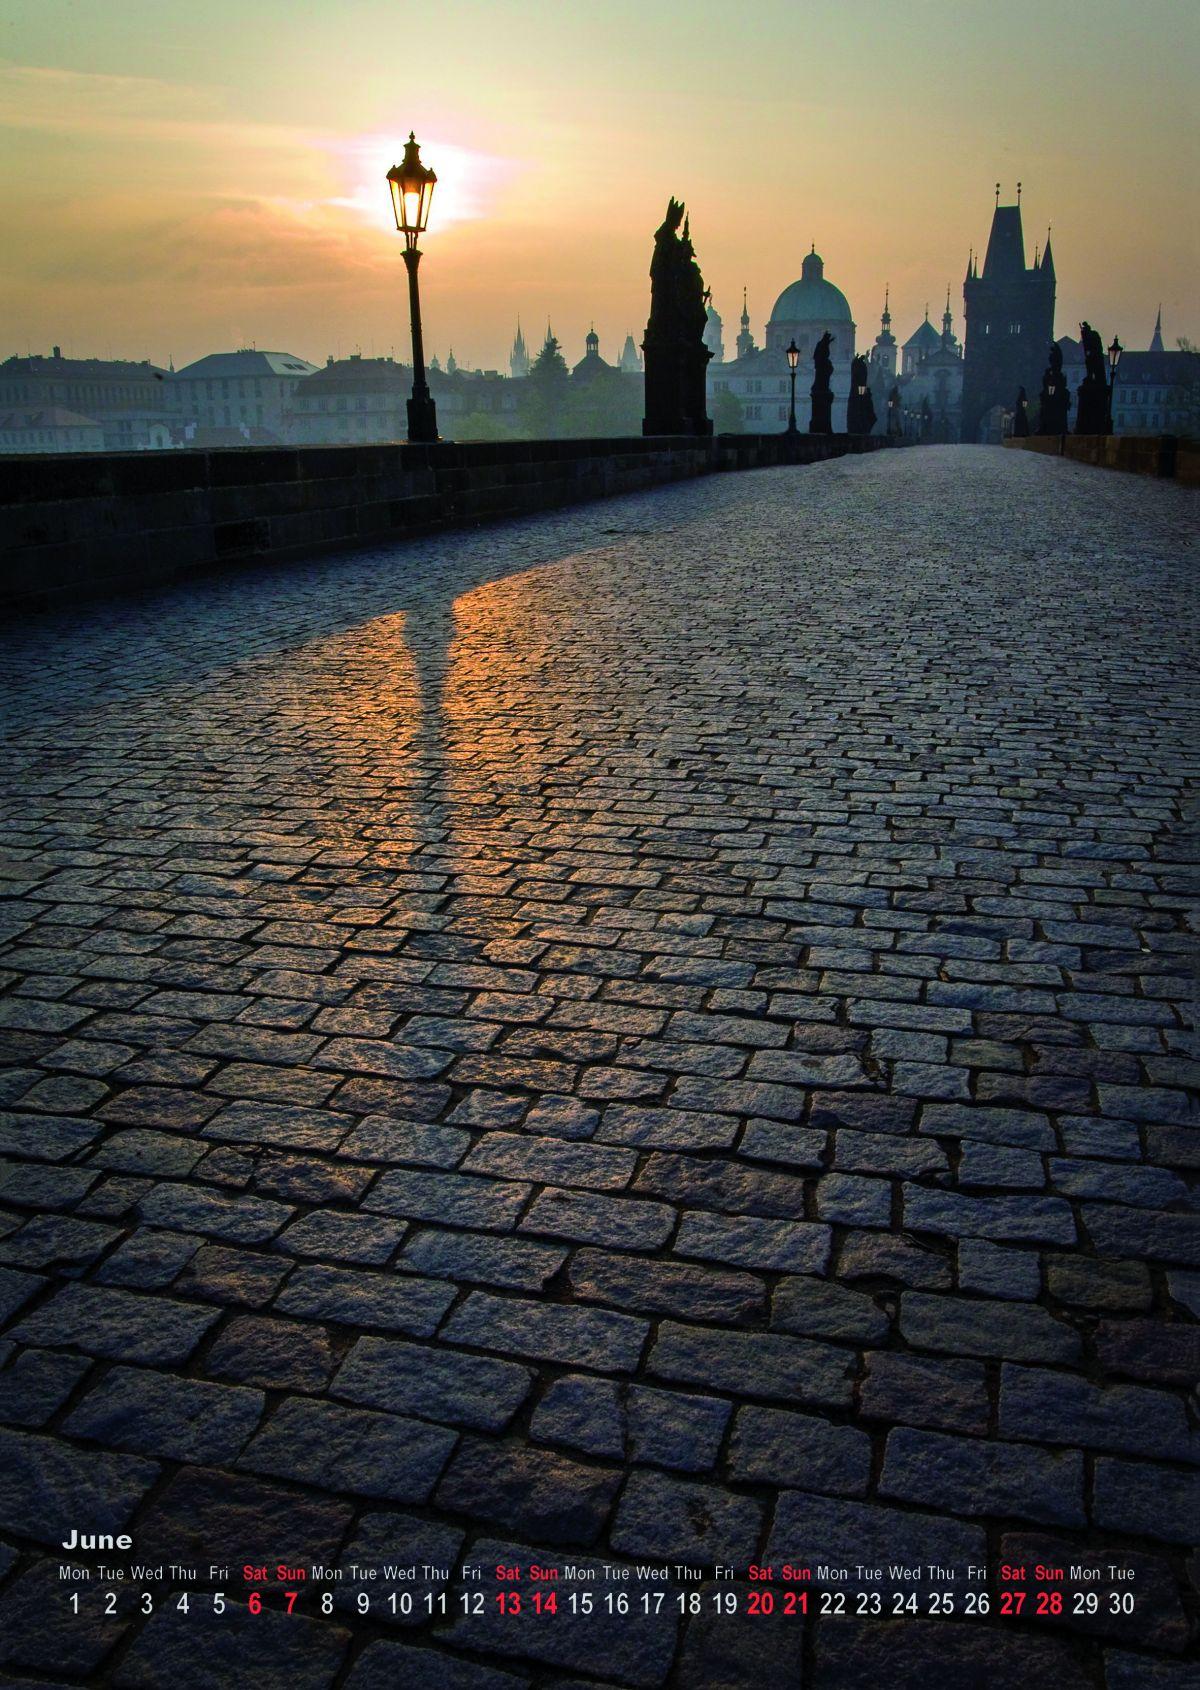 Cena poroty za inovativní přístup - Praha 2015